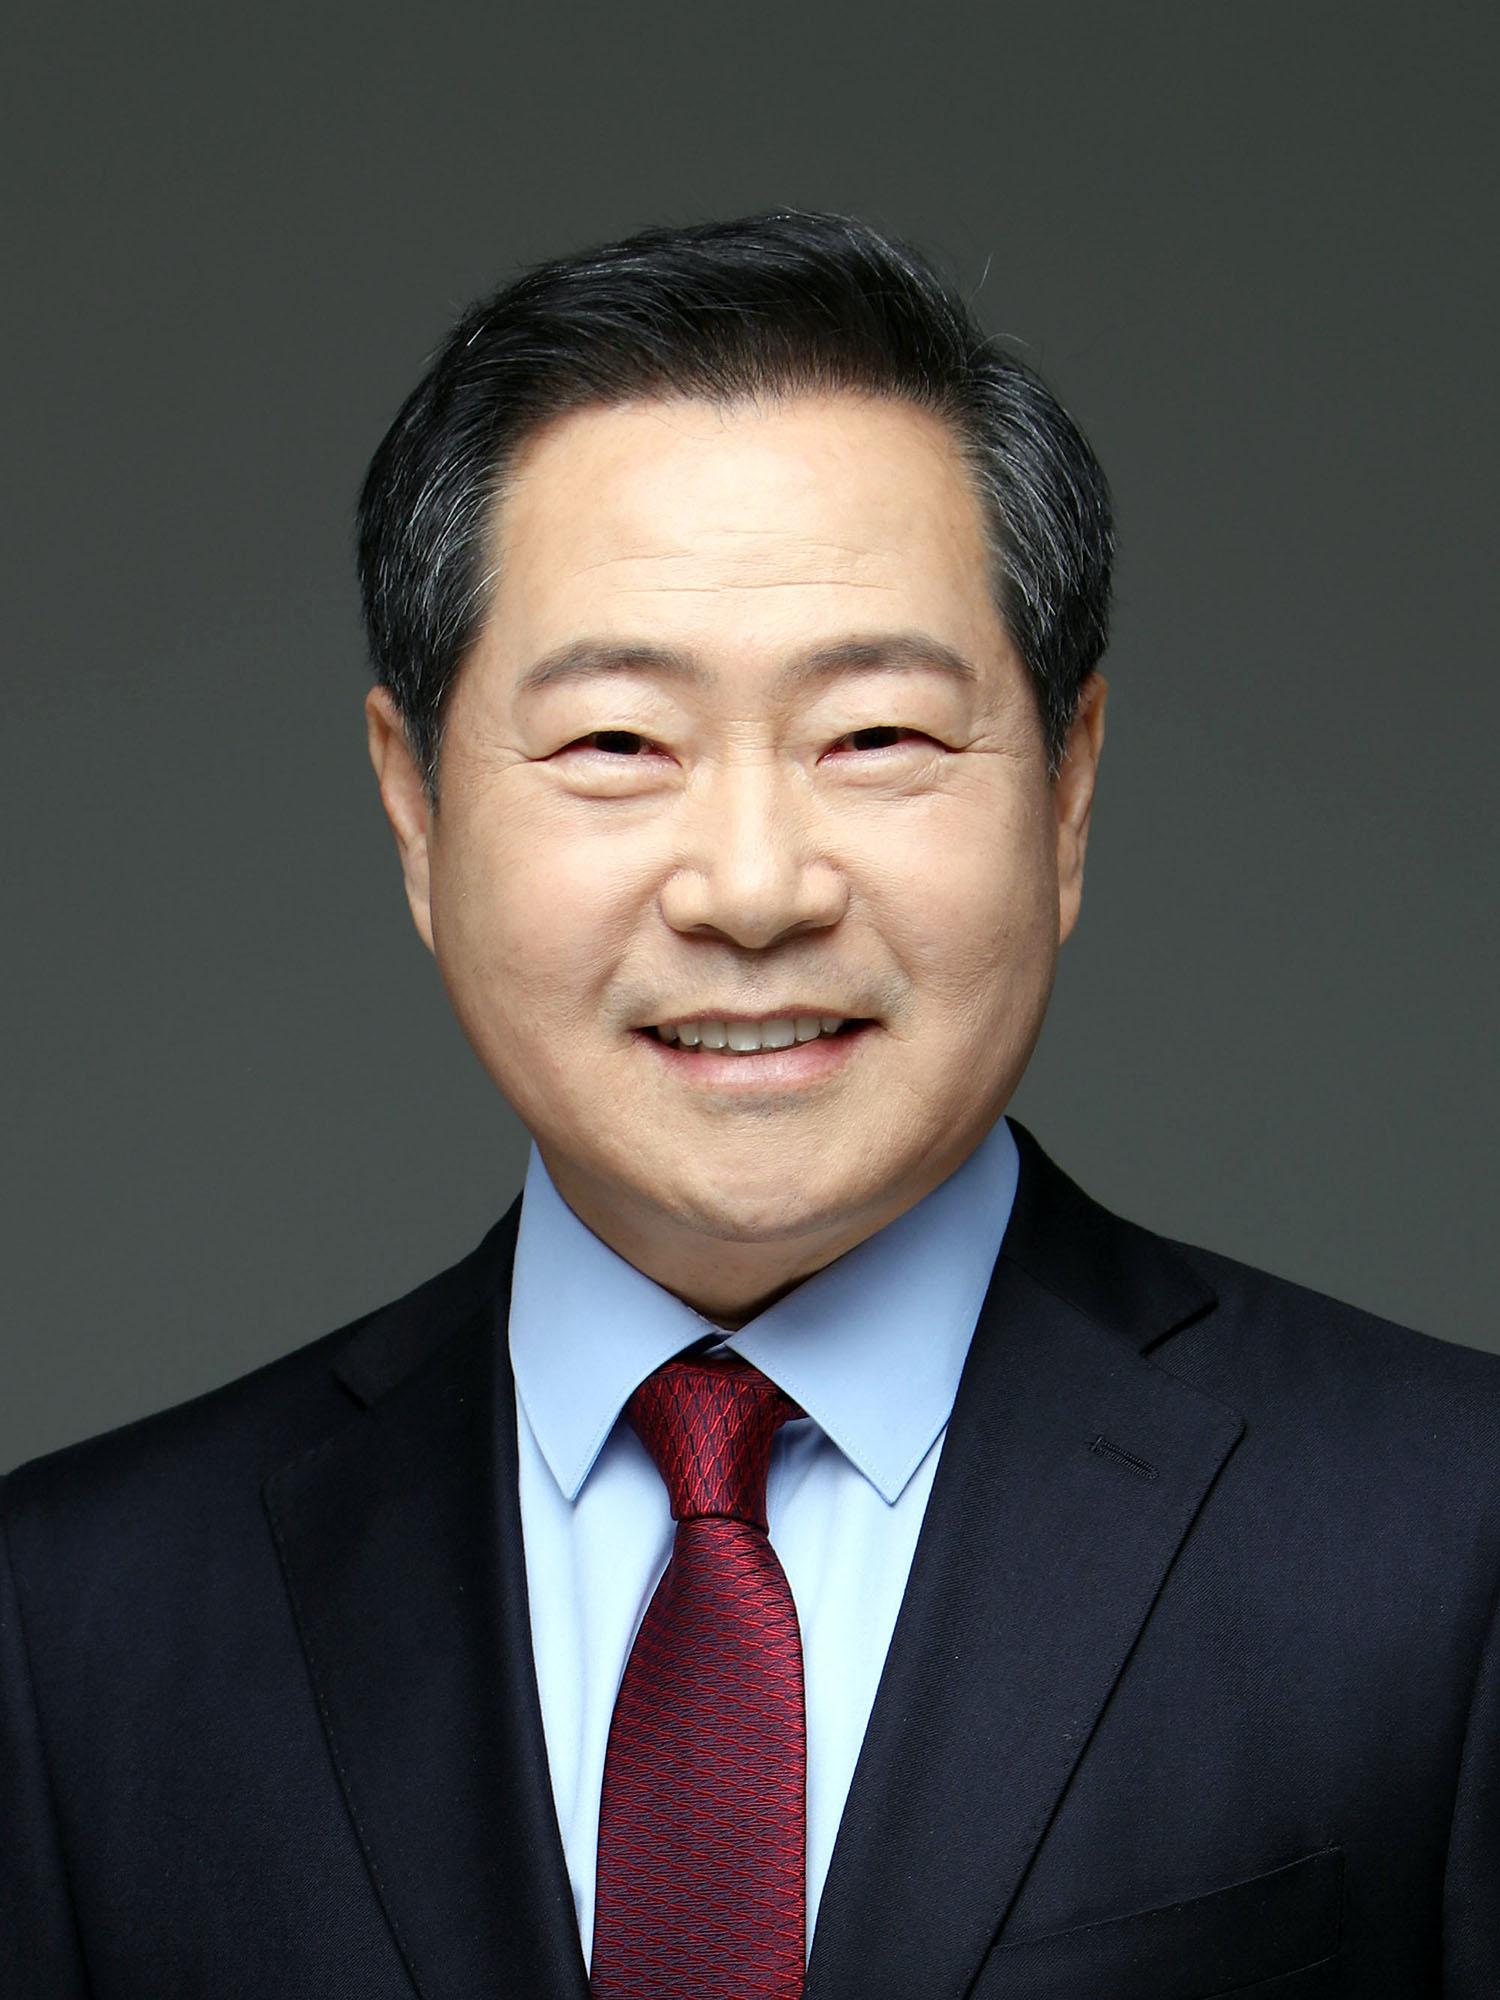 공주대는 31일 제7대 총장에 원성수(56) 행정학과 교수가 임명됐다고 밝혔다. [사진 공주대]